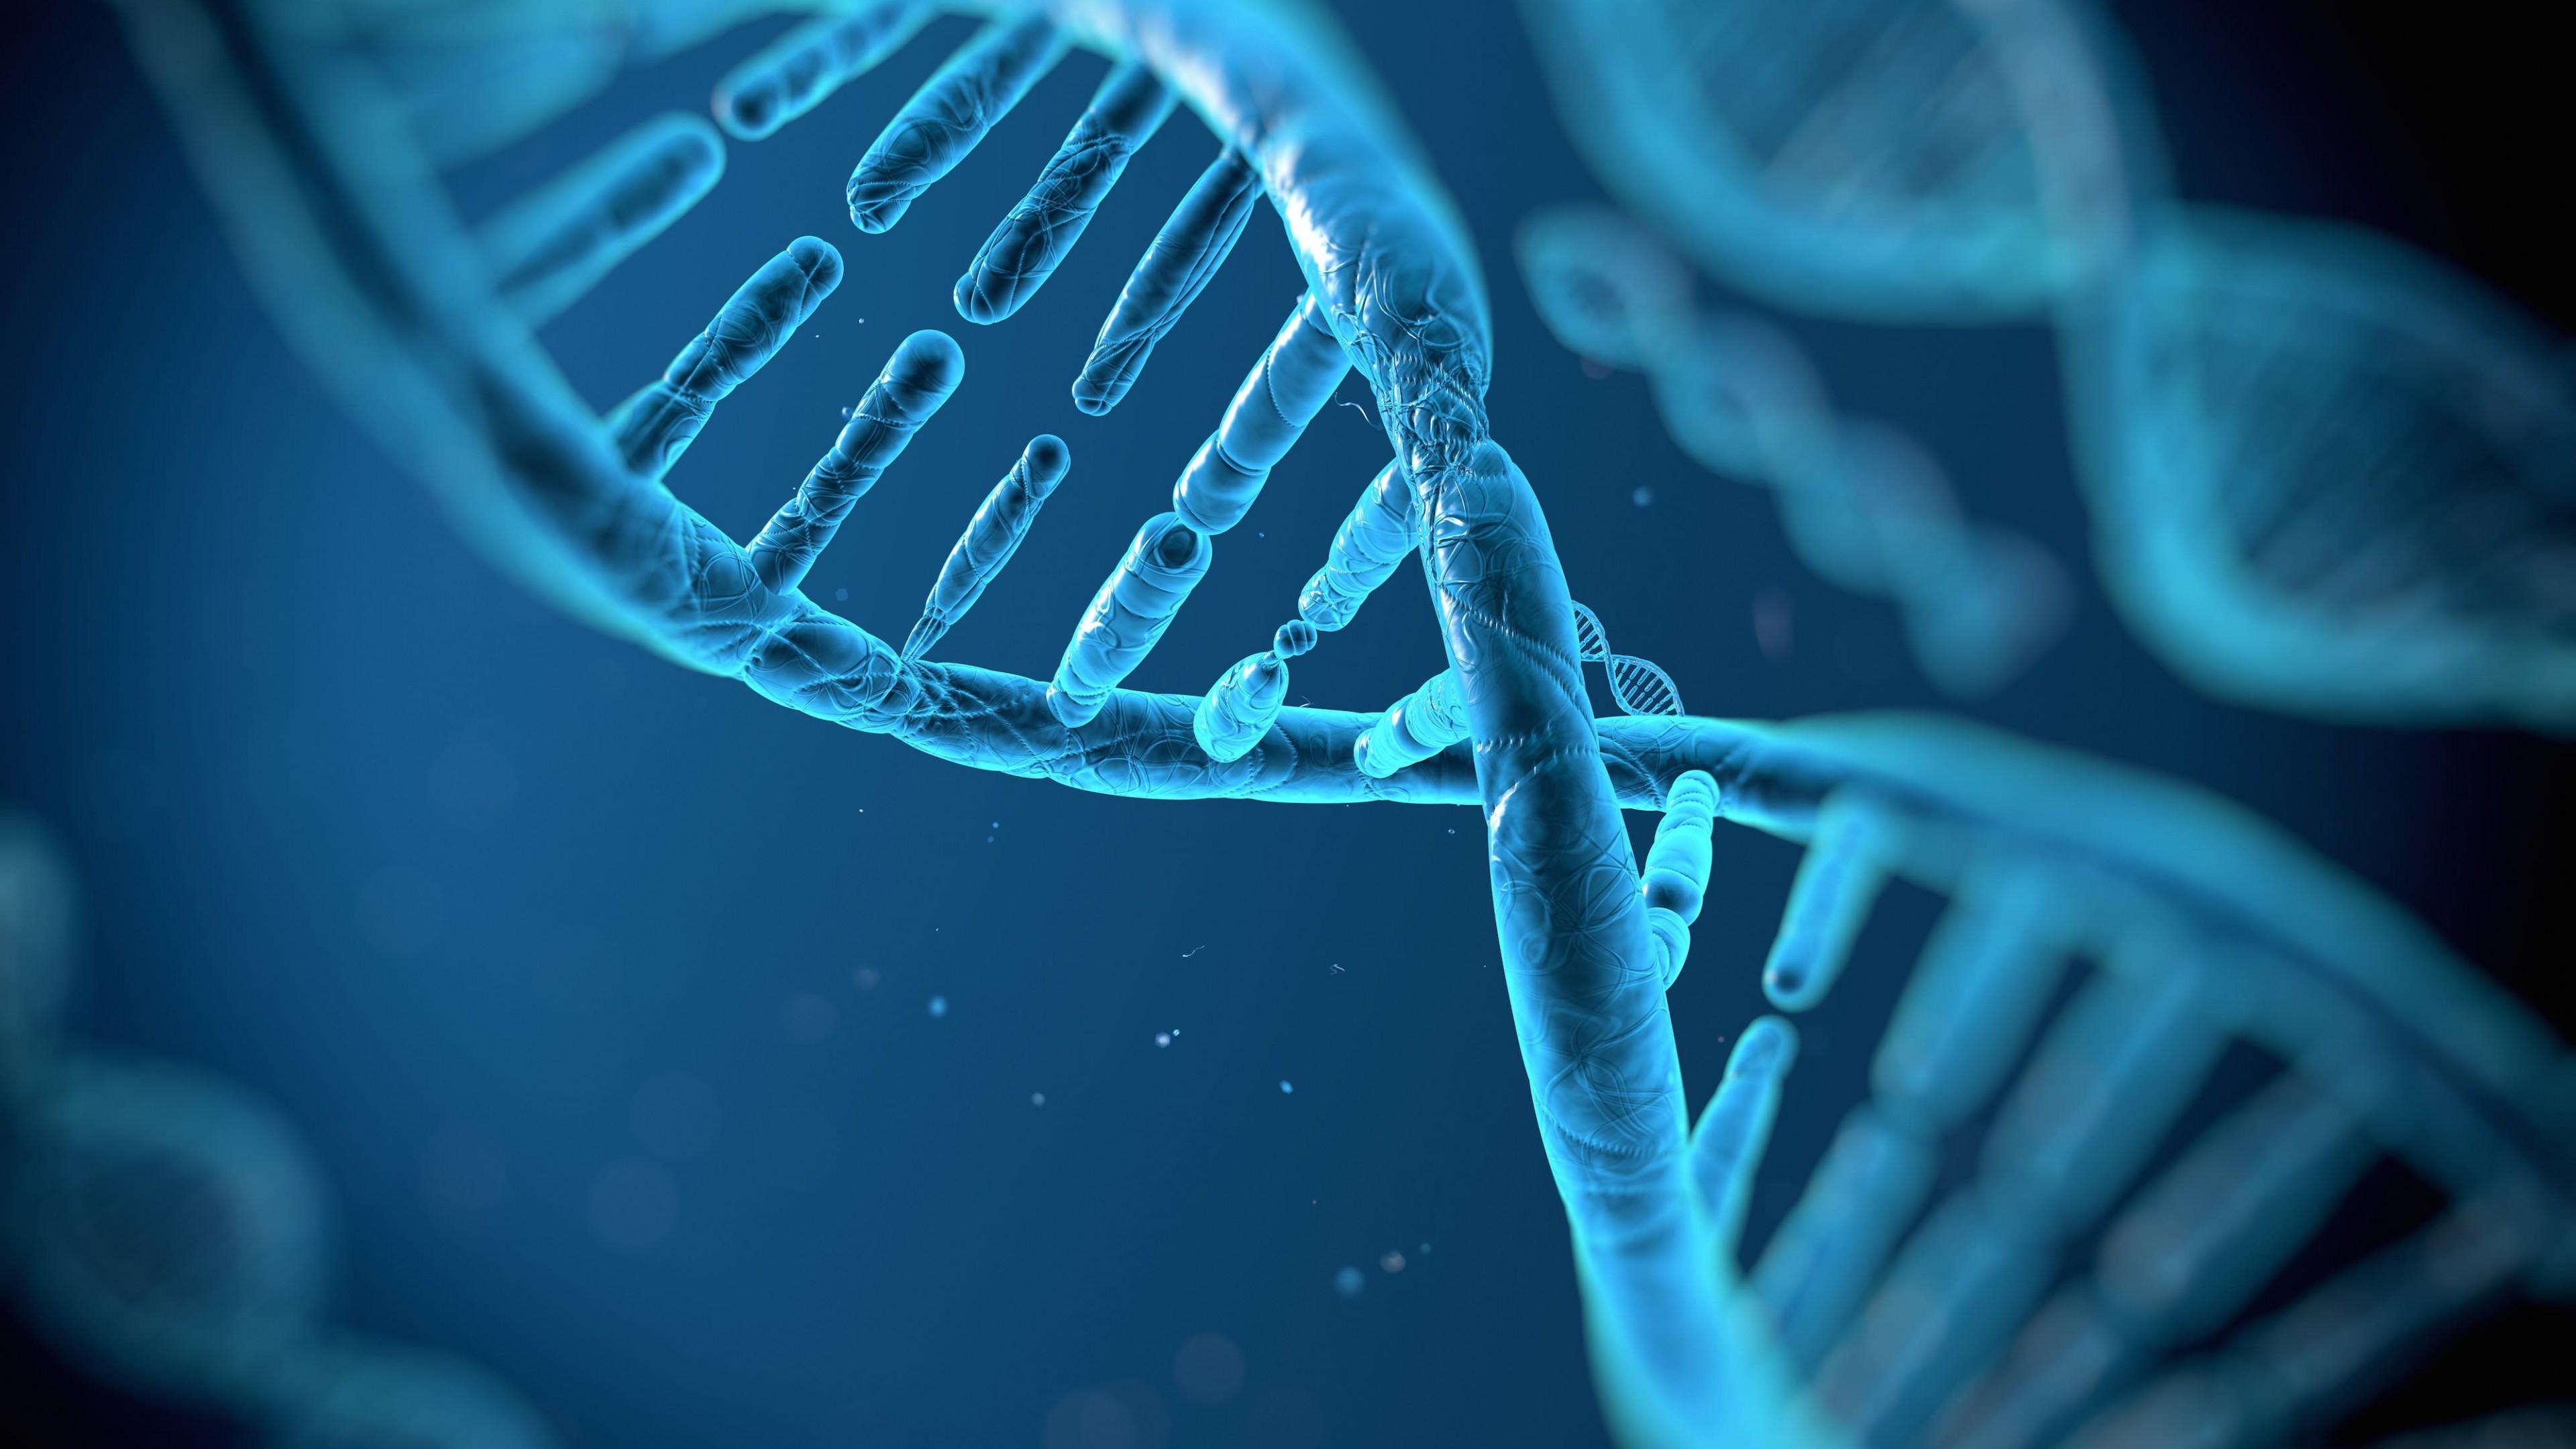 Dna Wallpaper High Resolution: DNA Structure 4K Wallpaper